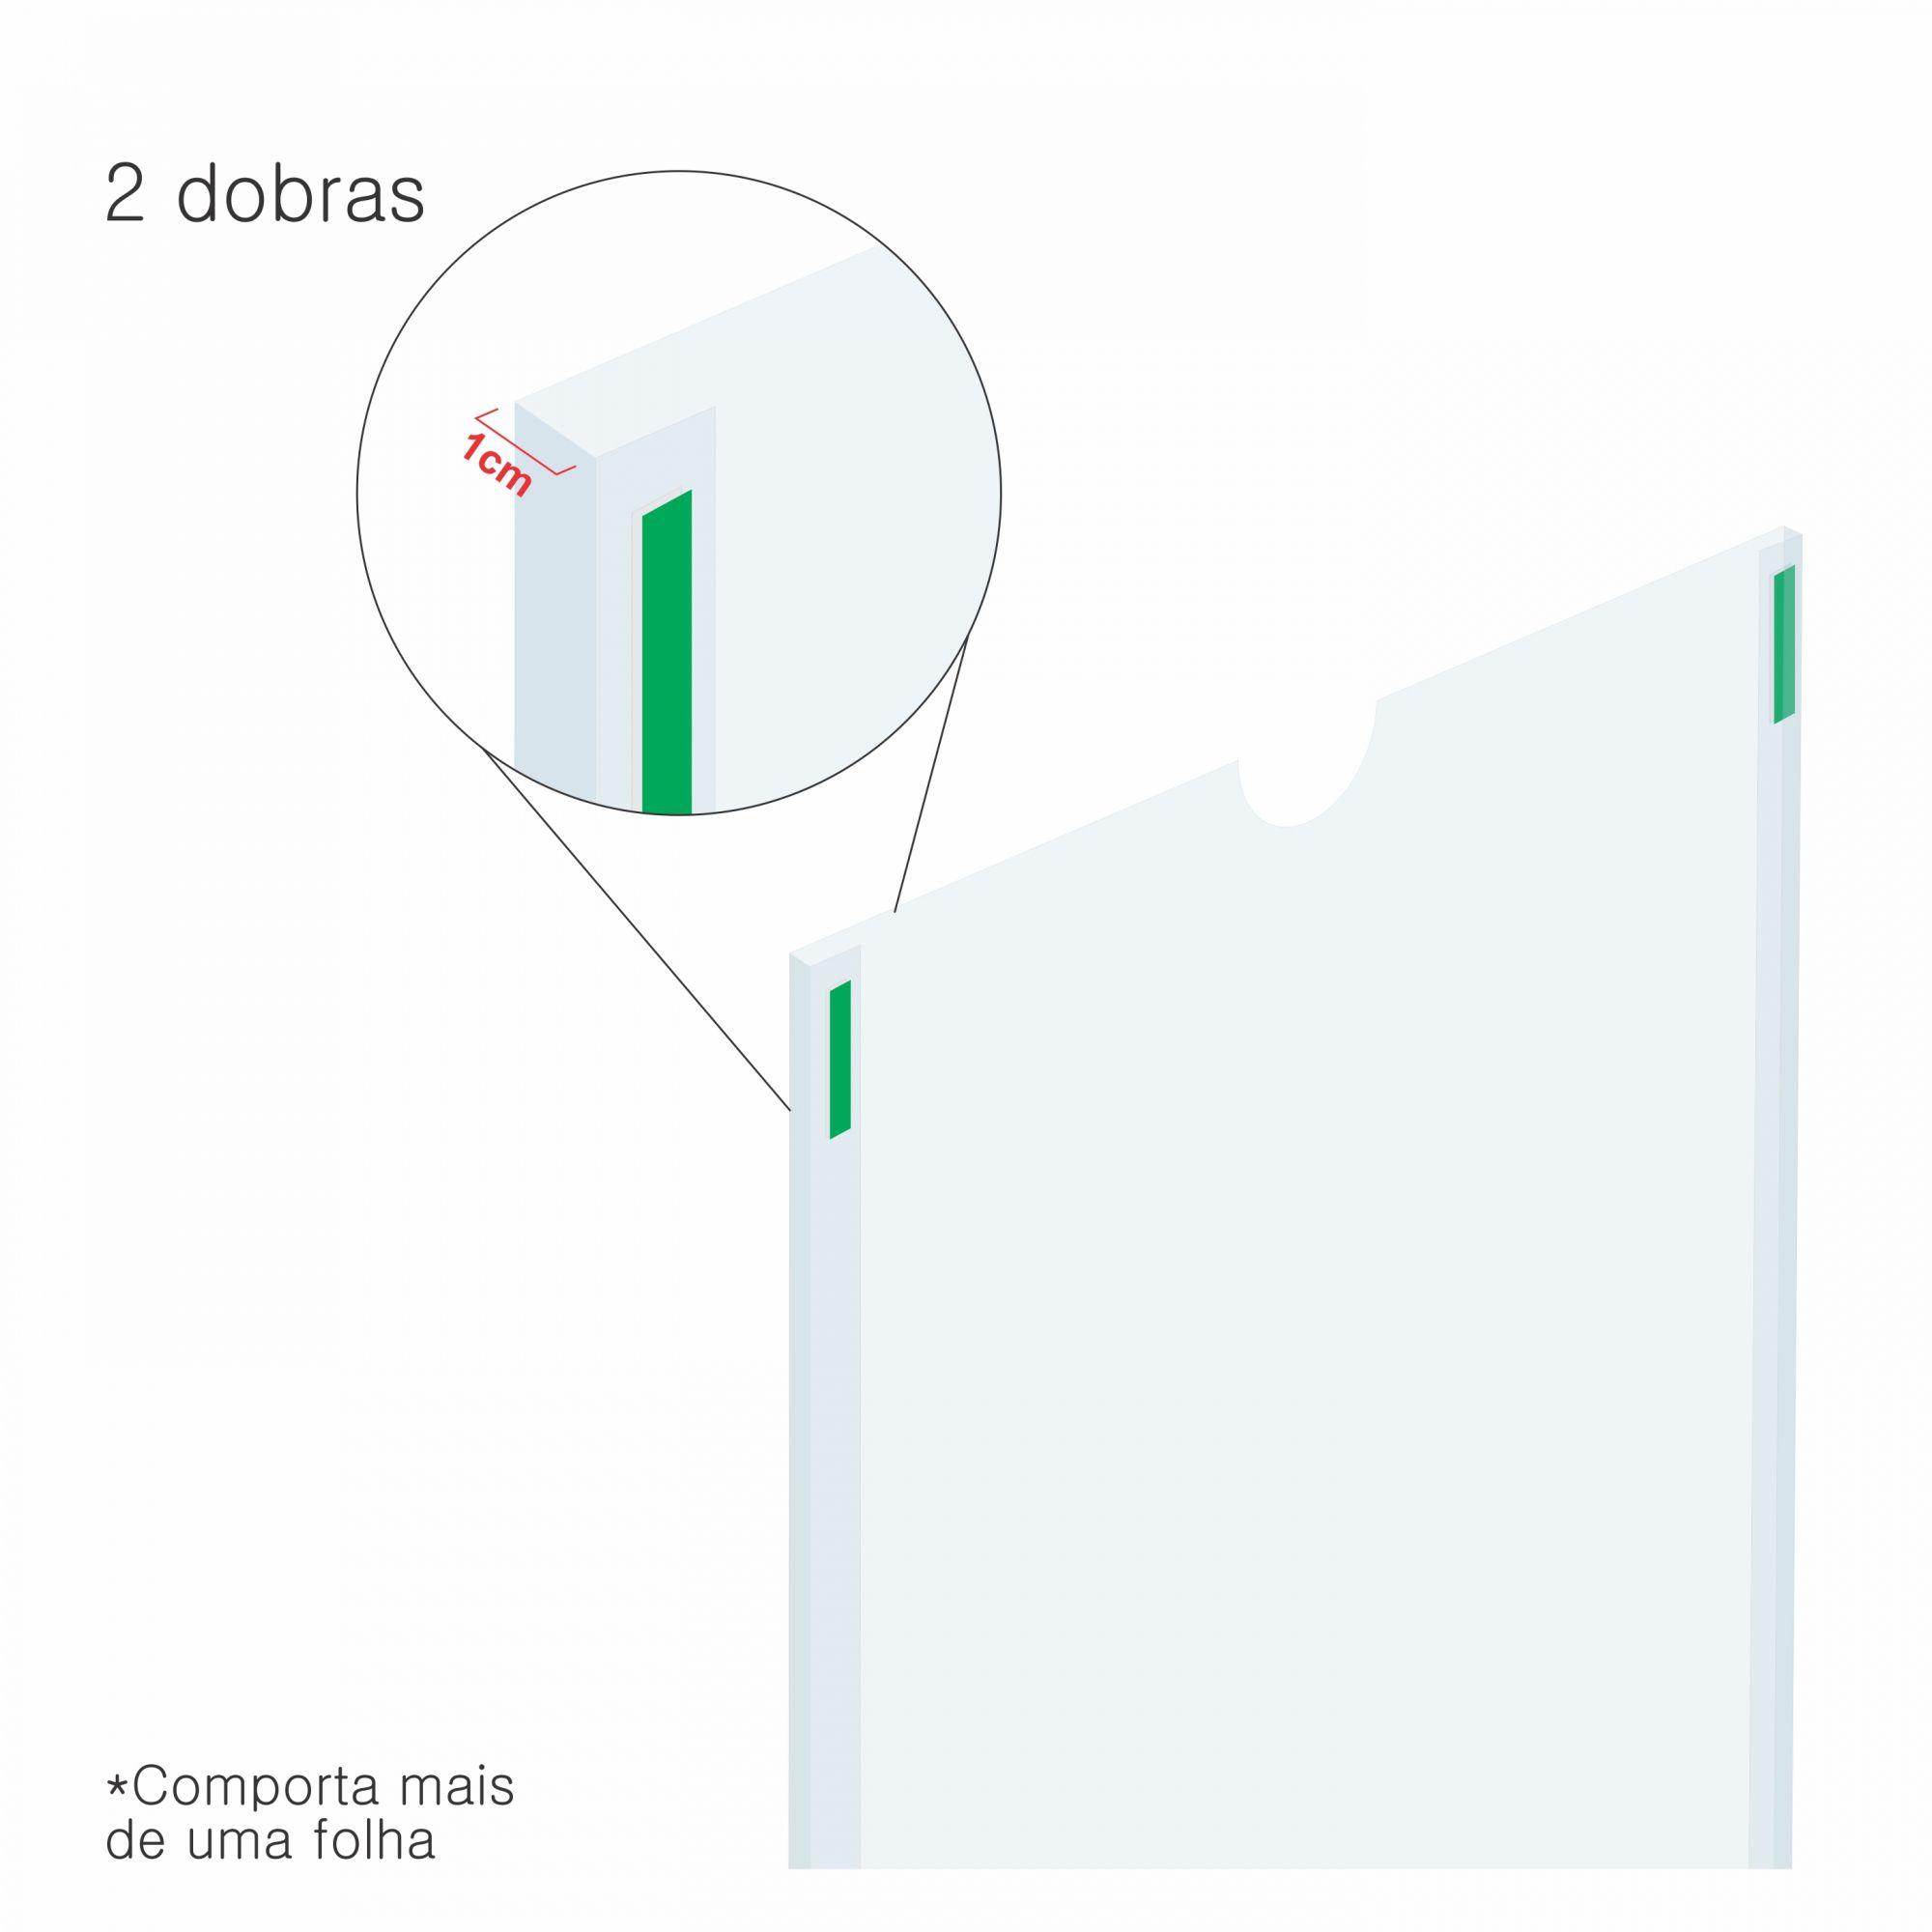 Porta folha em acetato 2 dobras  - Towbar Sinalização de Segurança